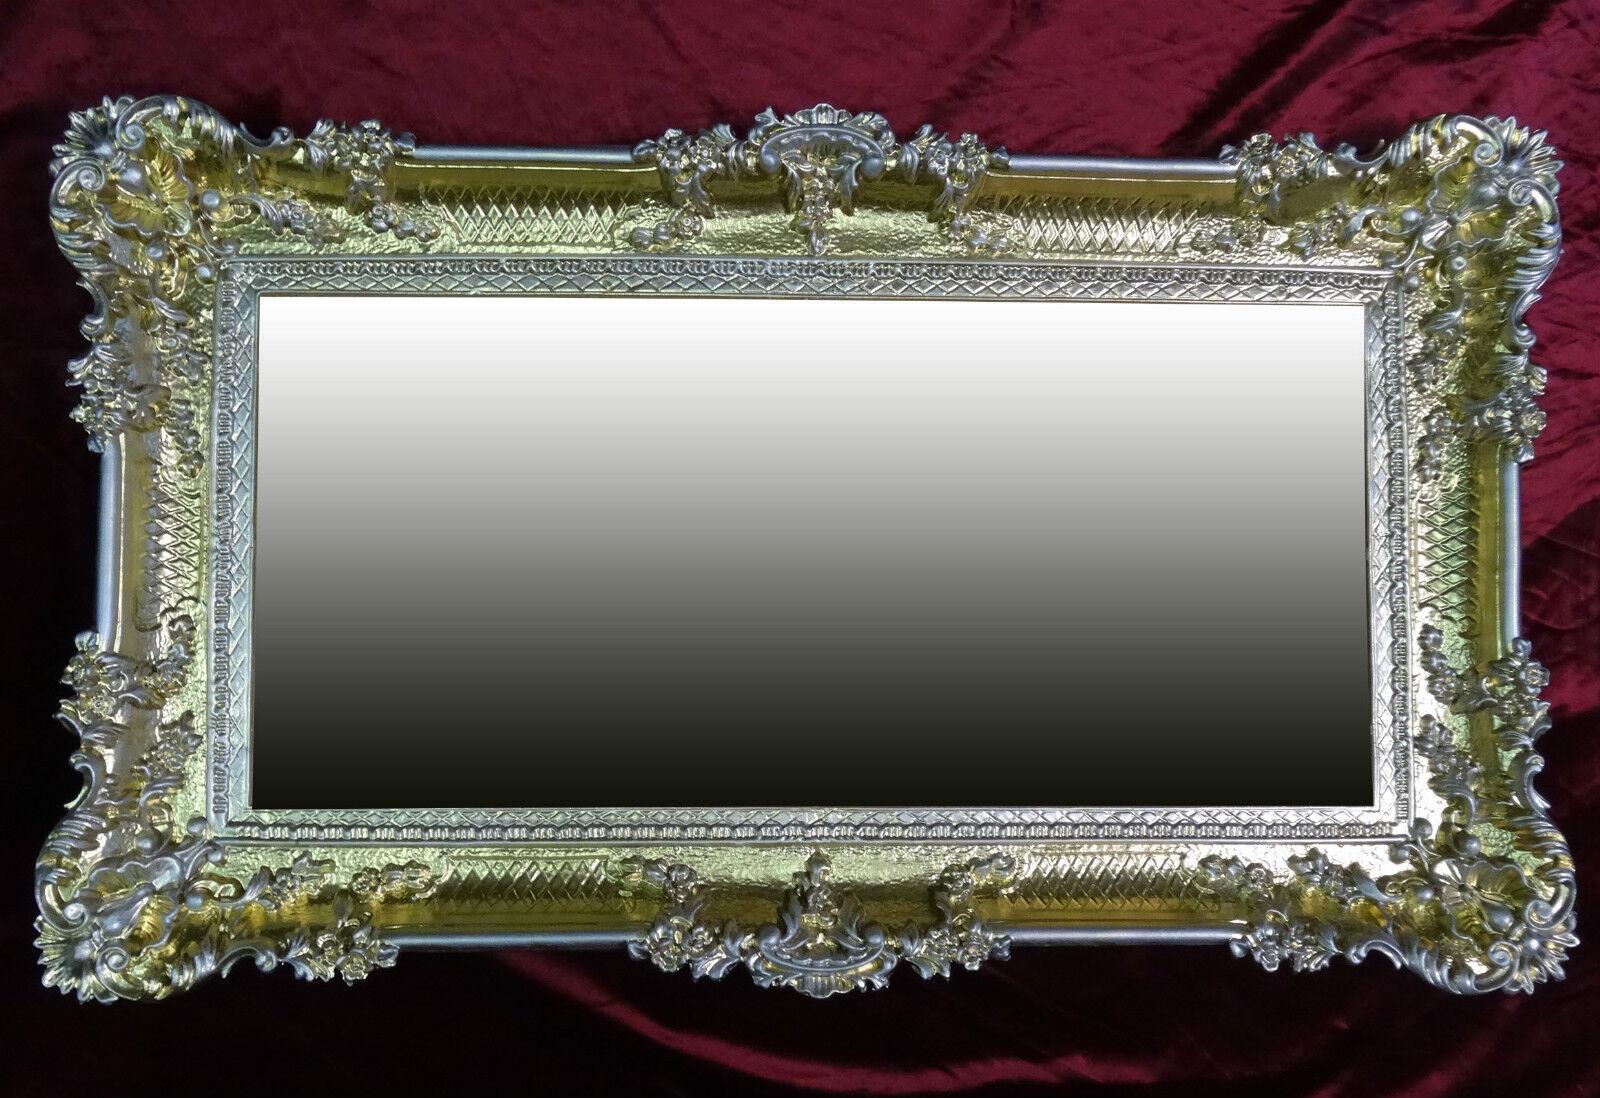 Xxl wandspiegel rechteckig gold silber barock wanddeko for Force de miroir ebay